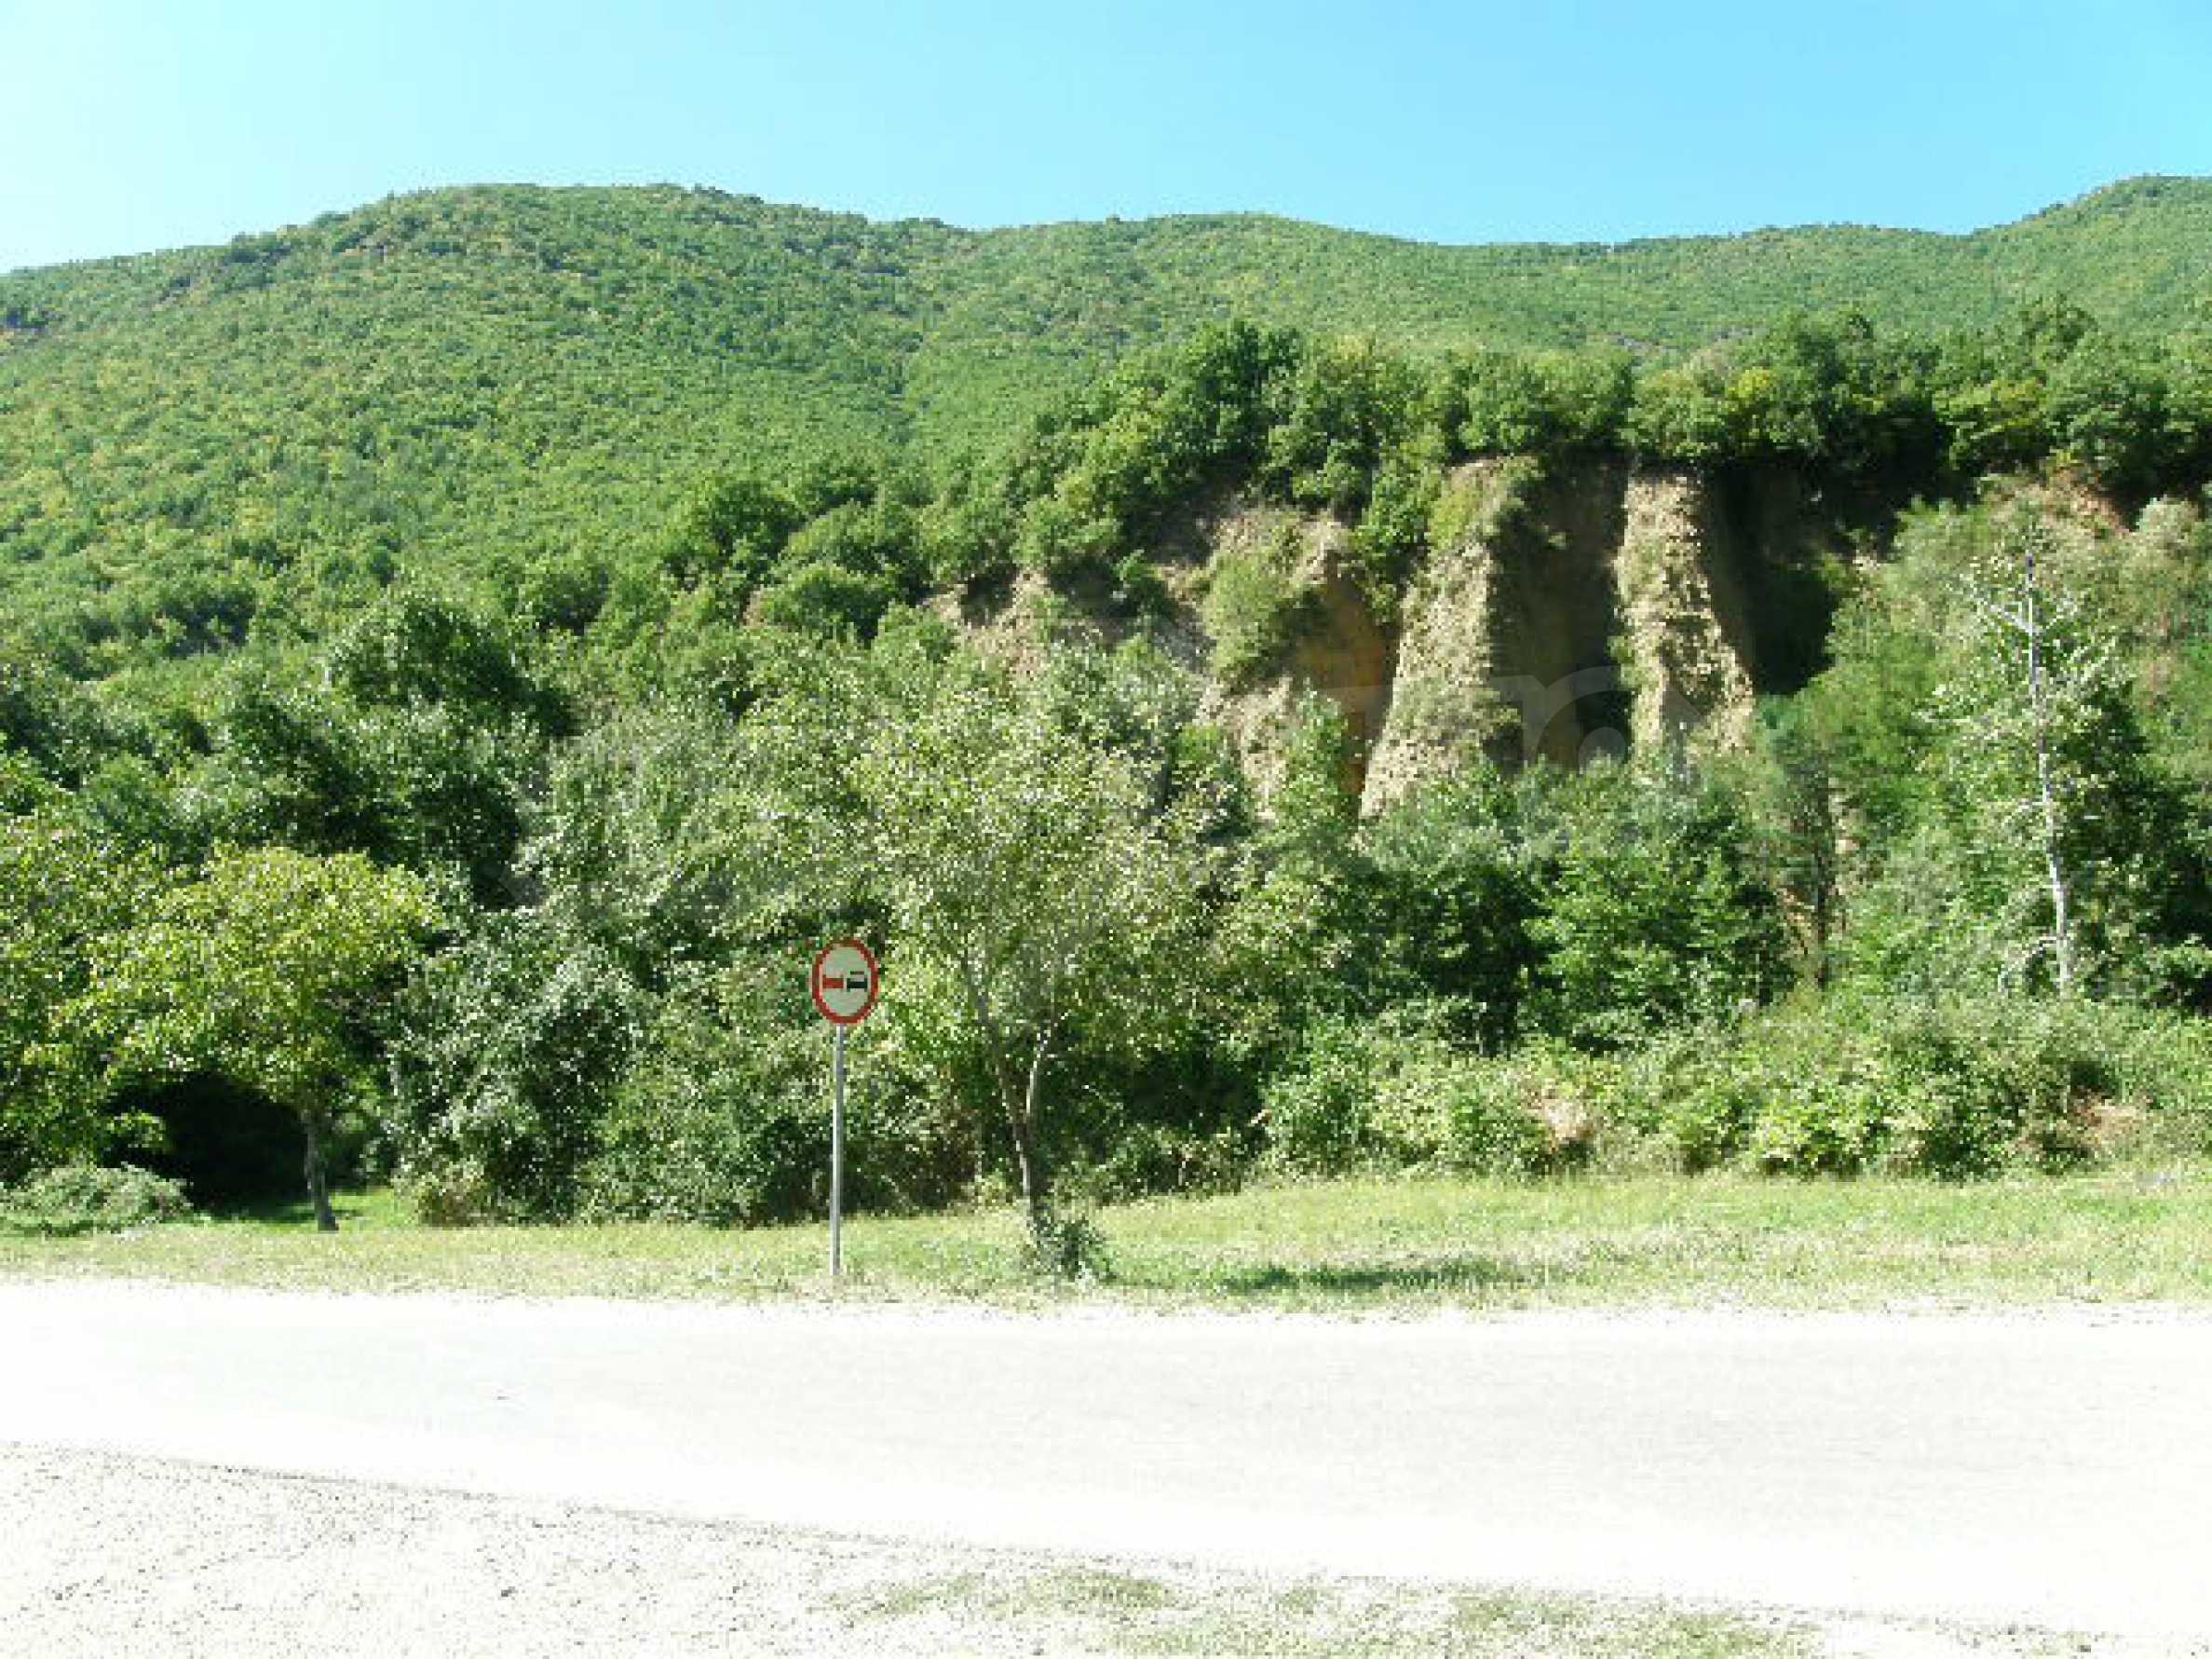 Bauland für ein Feriendorf in der Nähe von Sandanski 2